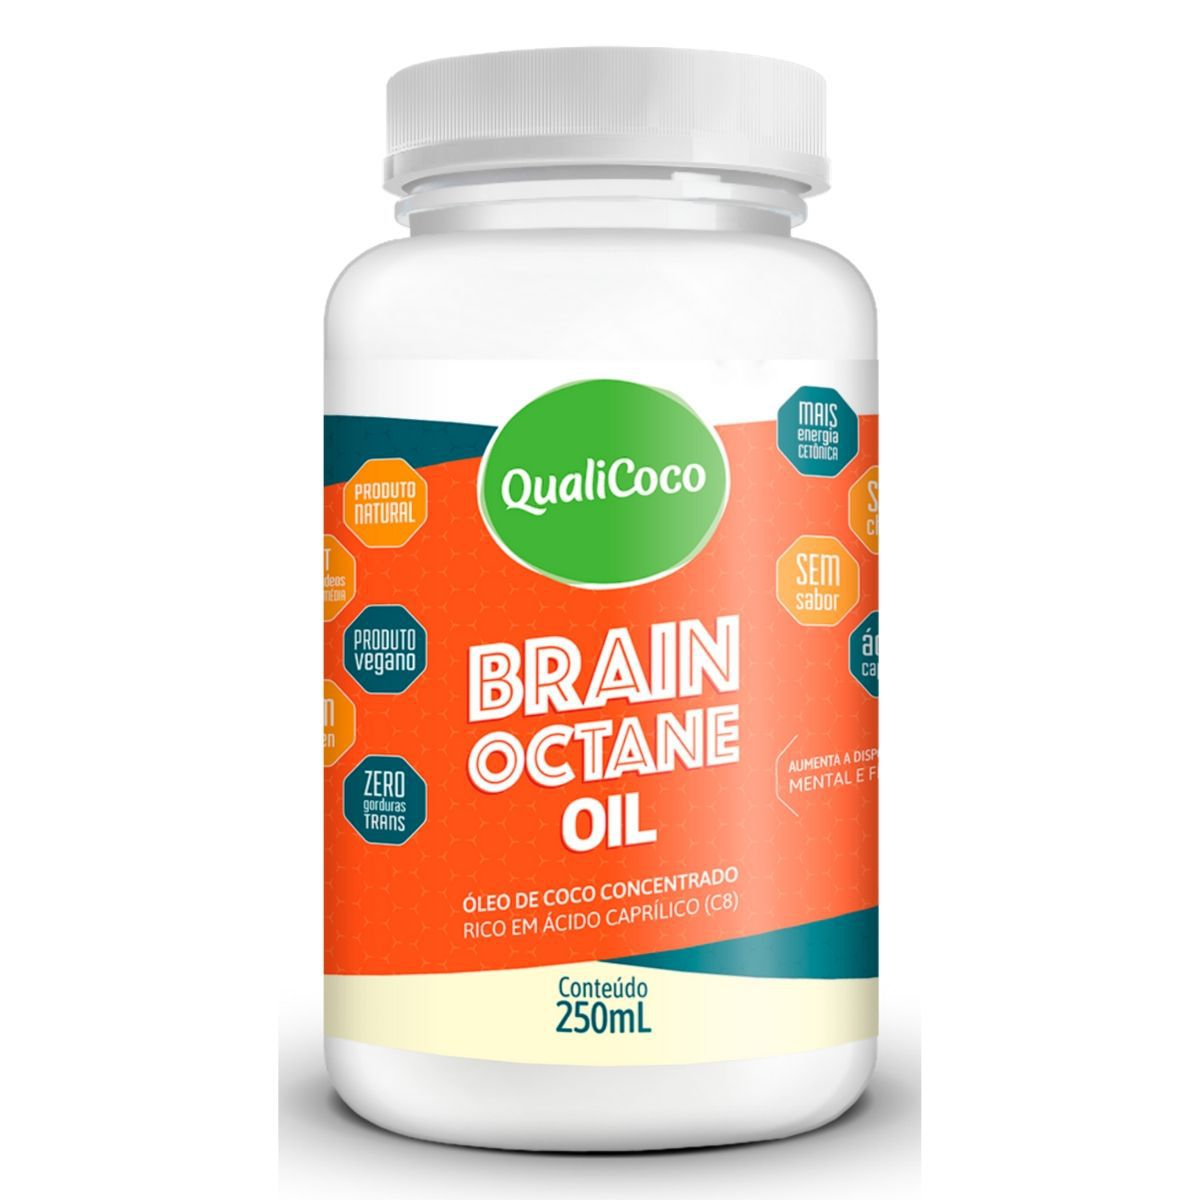 Brain Octane Óleo De Coco Concentrado 250ml - QualiCôco